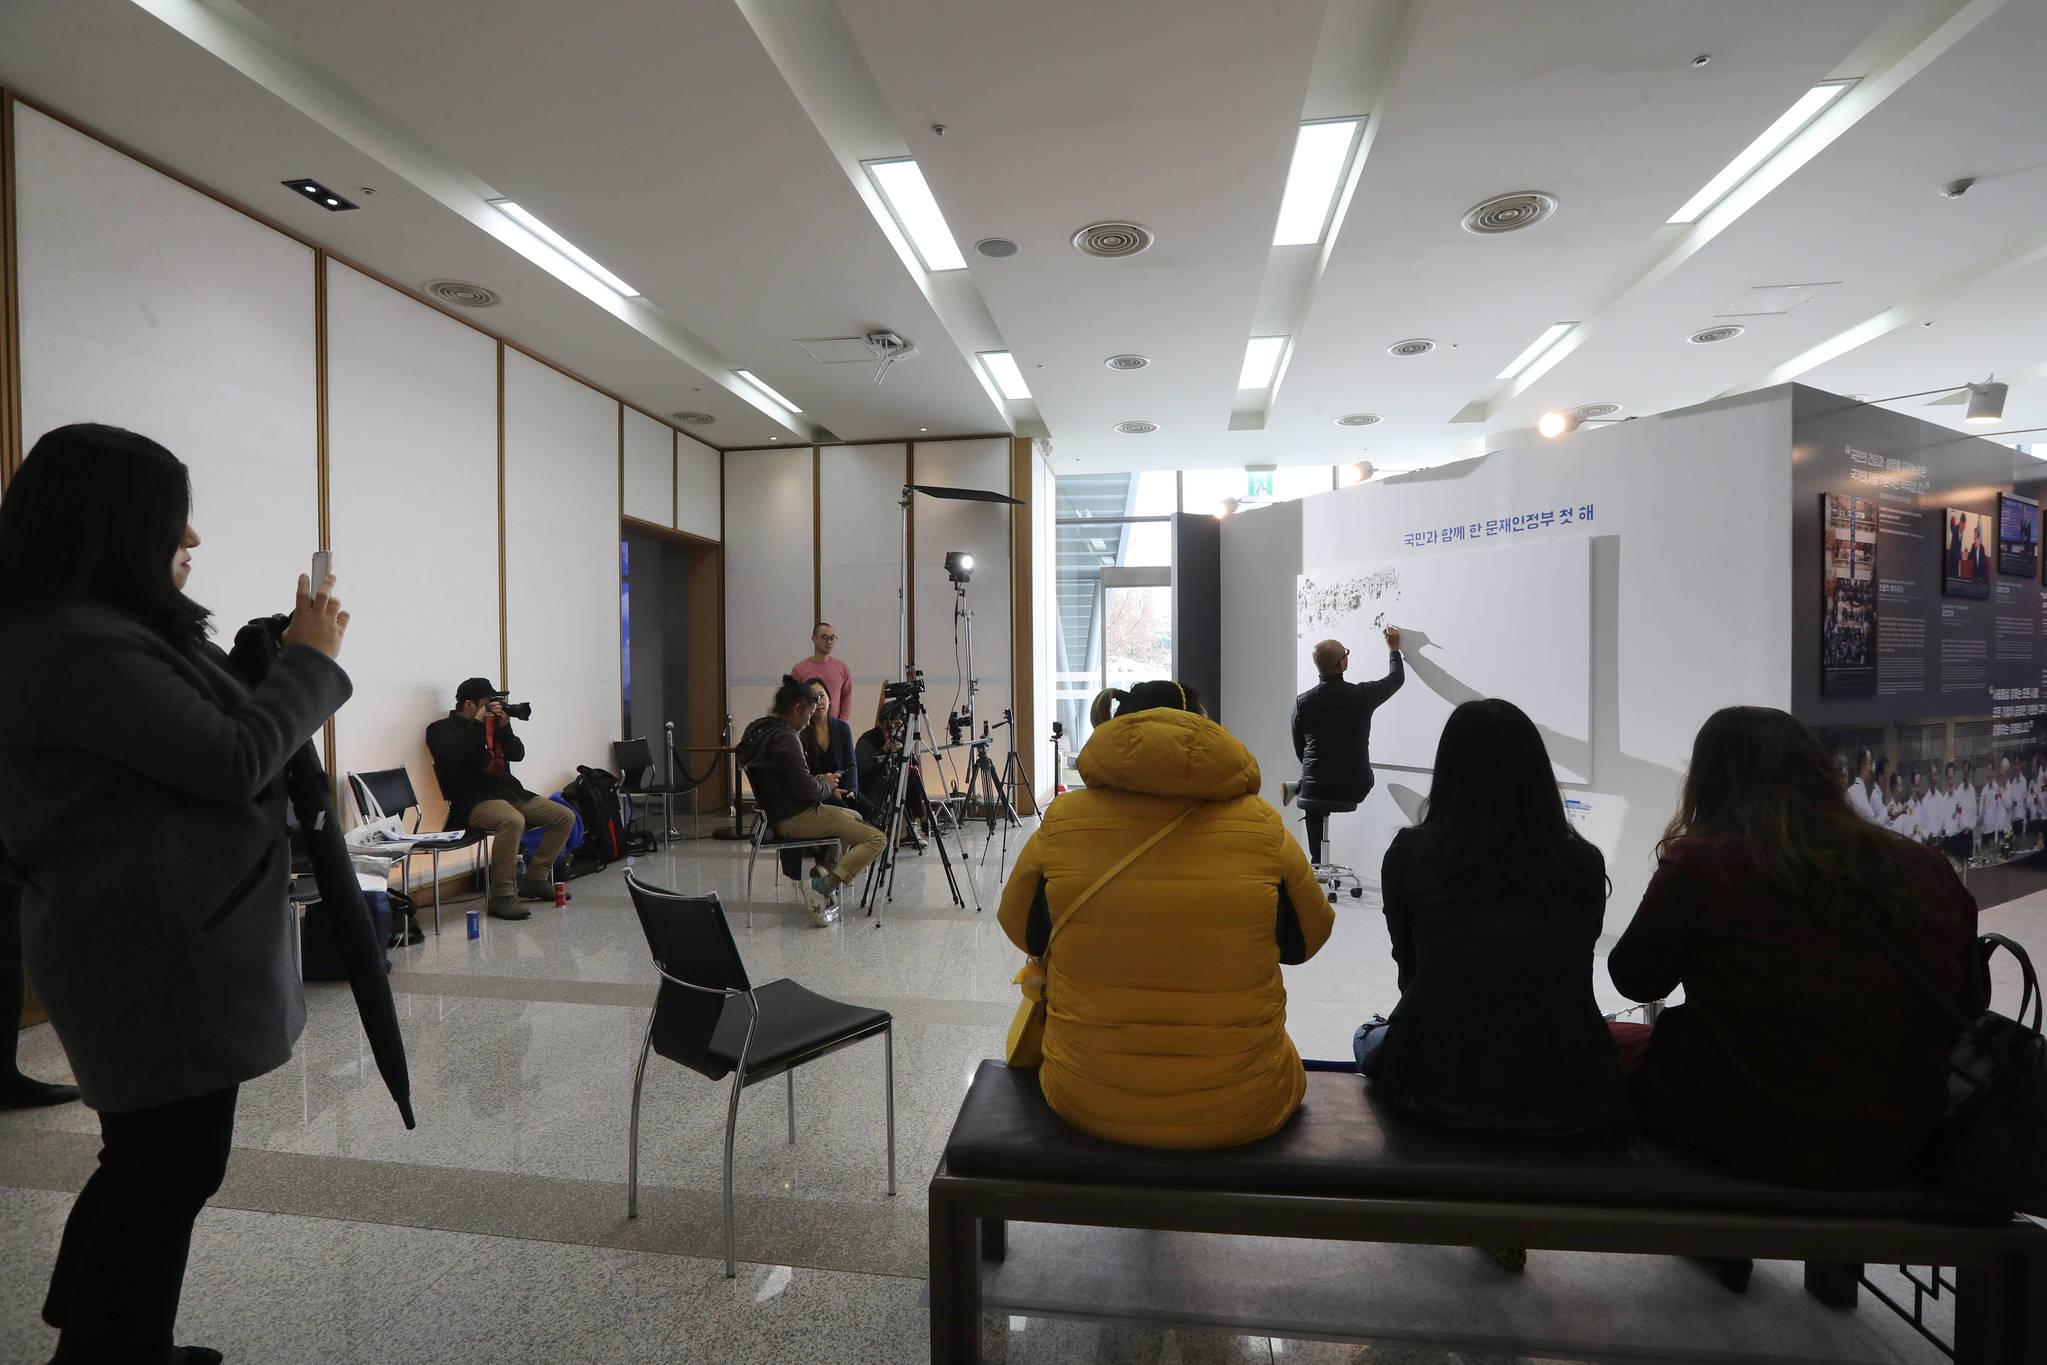 김정기 작가가 대형 보드에 그림을 그리는 라이브 드로잉쇼를 관람객들이 보고 있다. 신인섭 기자